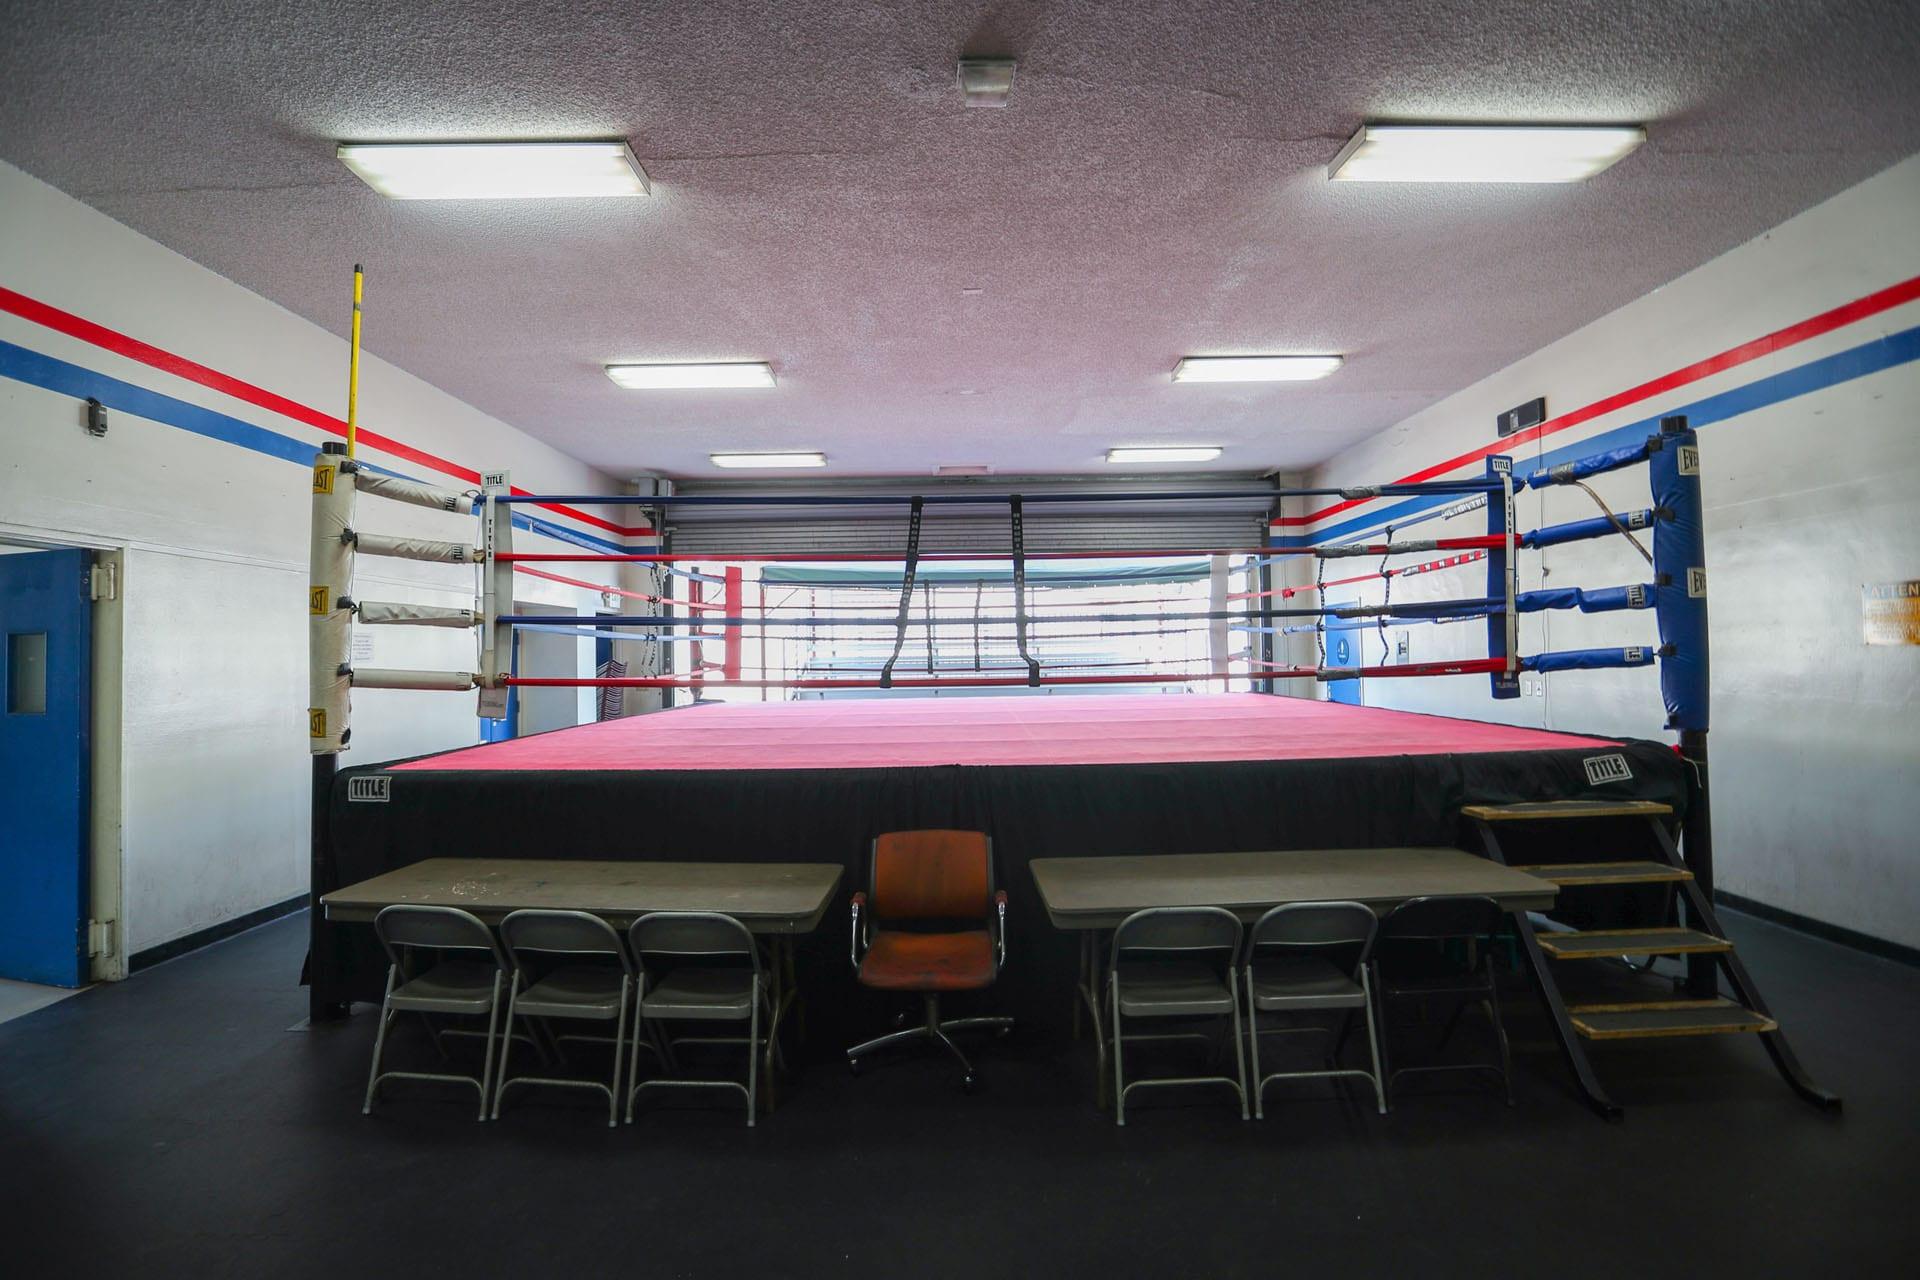 Boxing ring 4